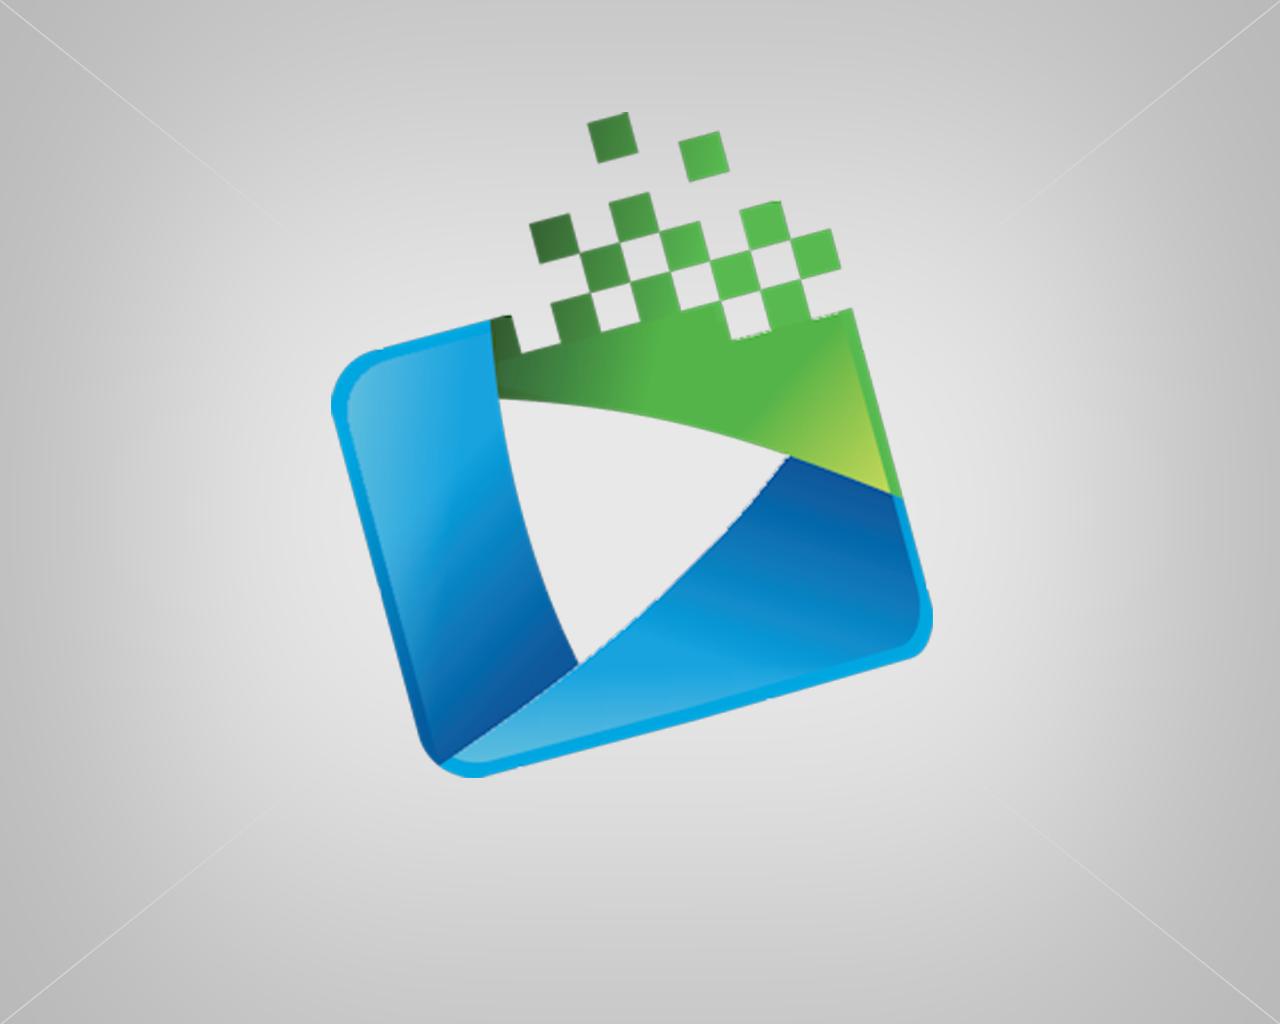 Eazy-ビデオ通話でひまつぶしできるSNSアプリ。